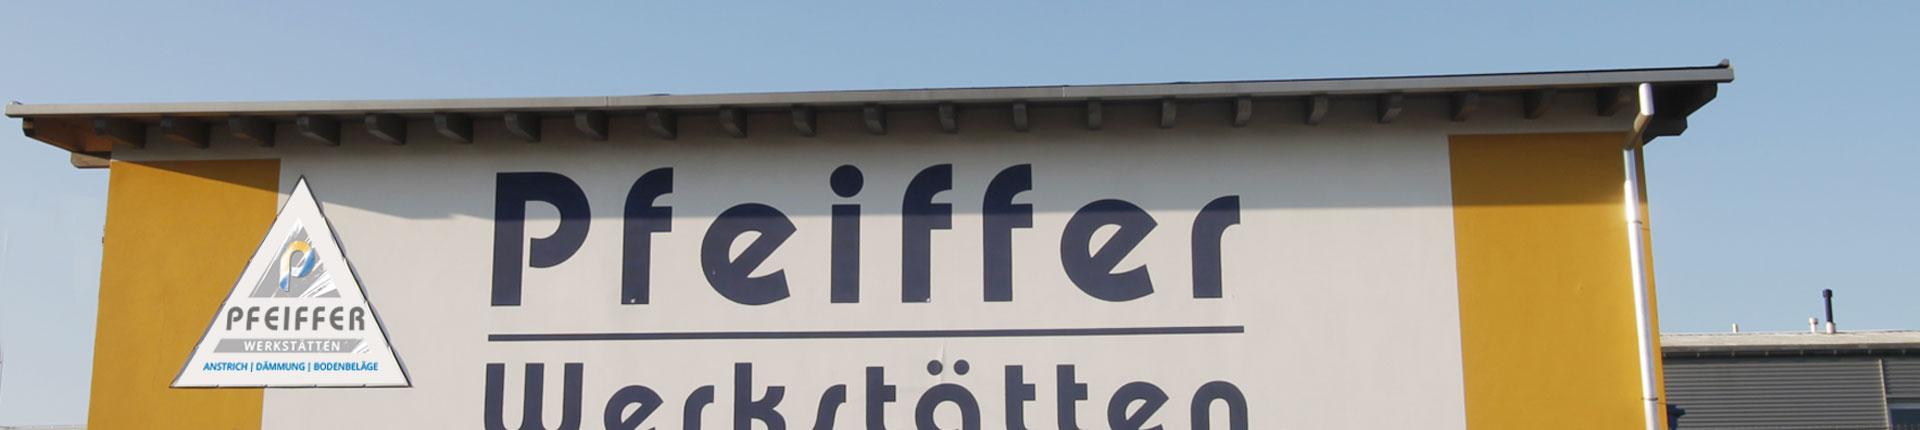 Pfeifer Werkstätten